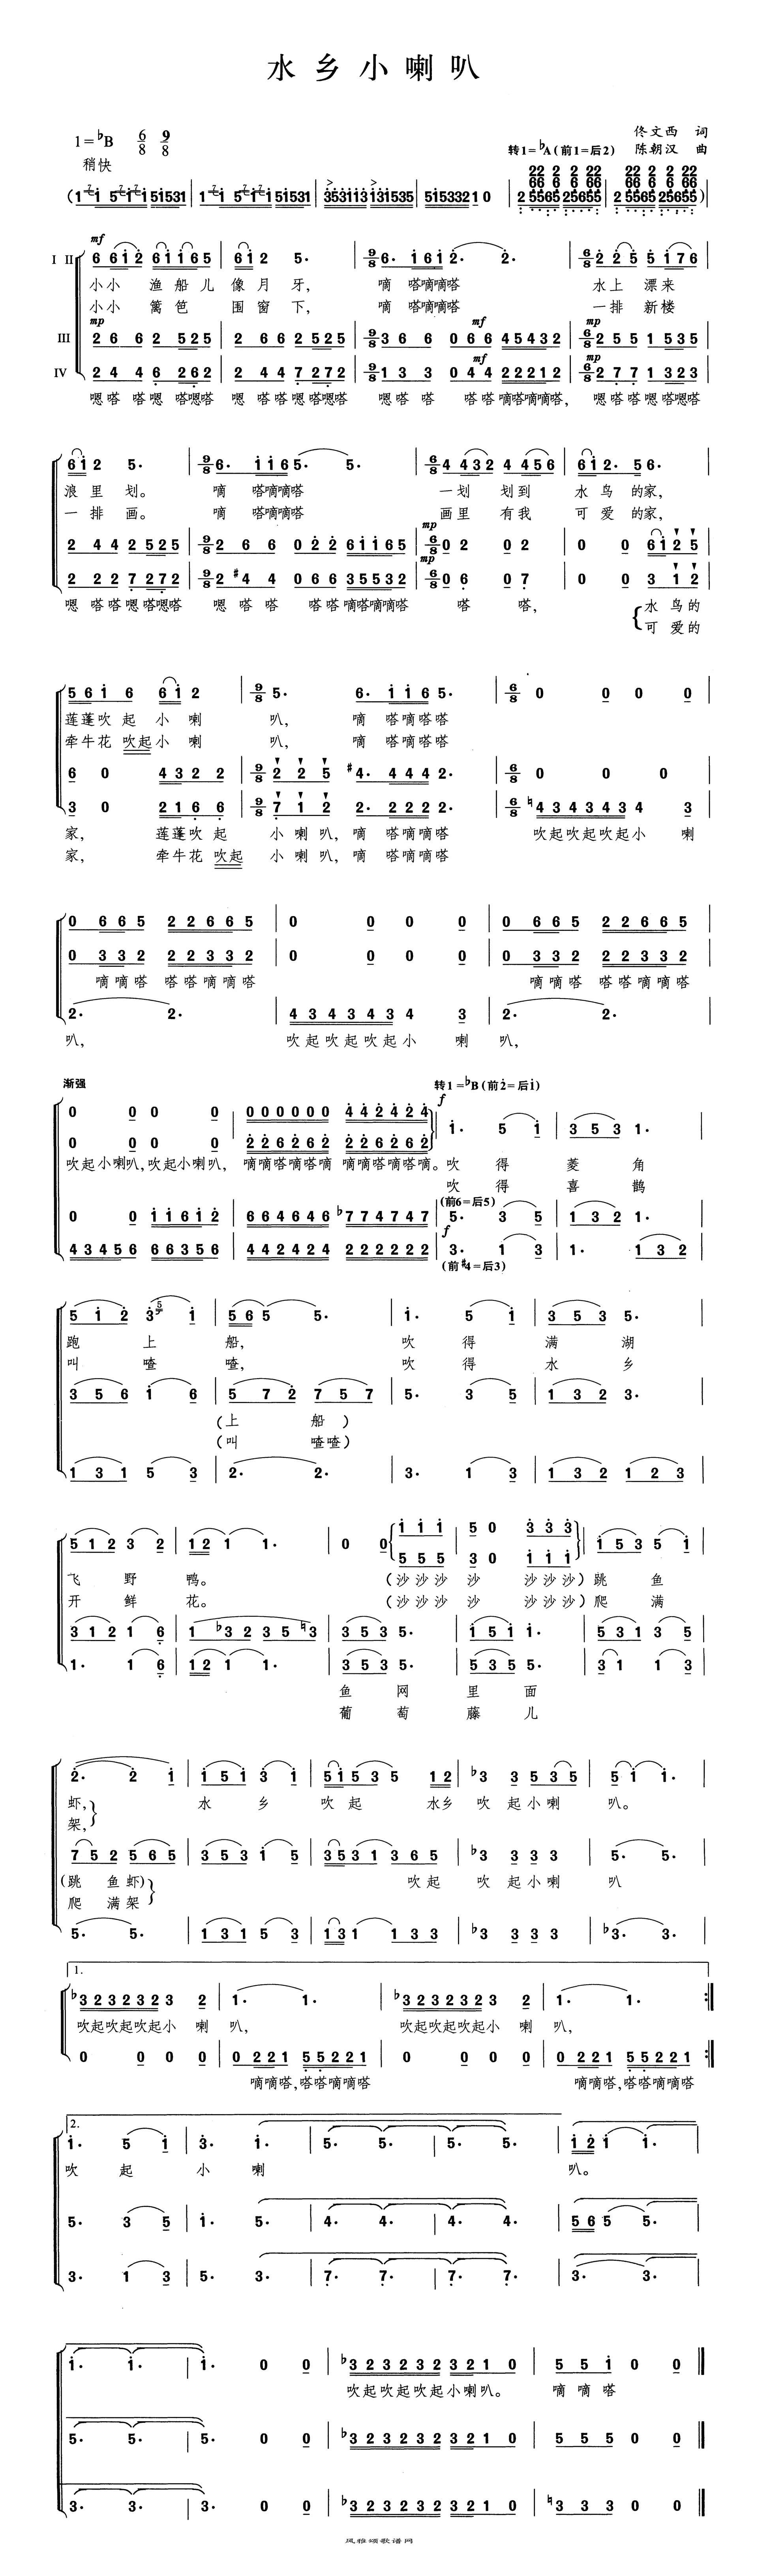 水乡小喇叭(童声)高清打印歌谱简谱